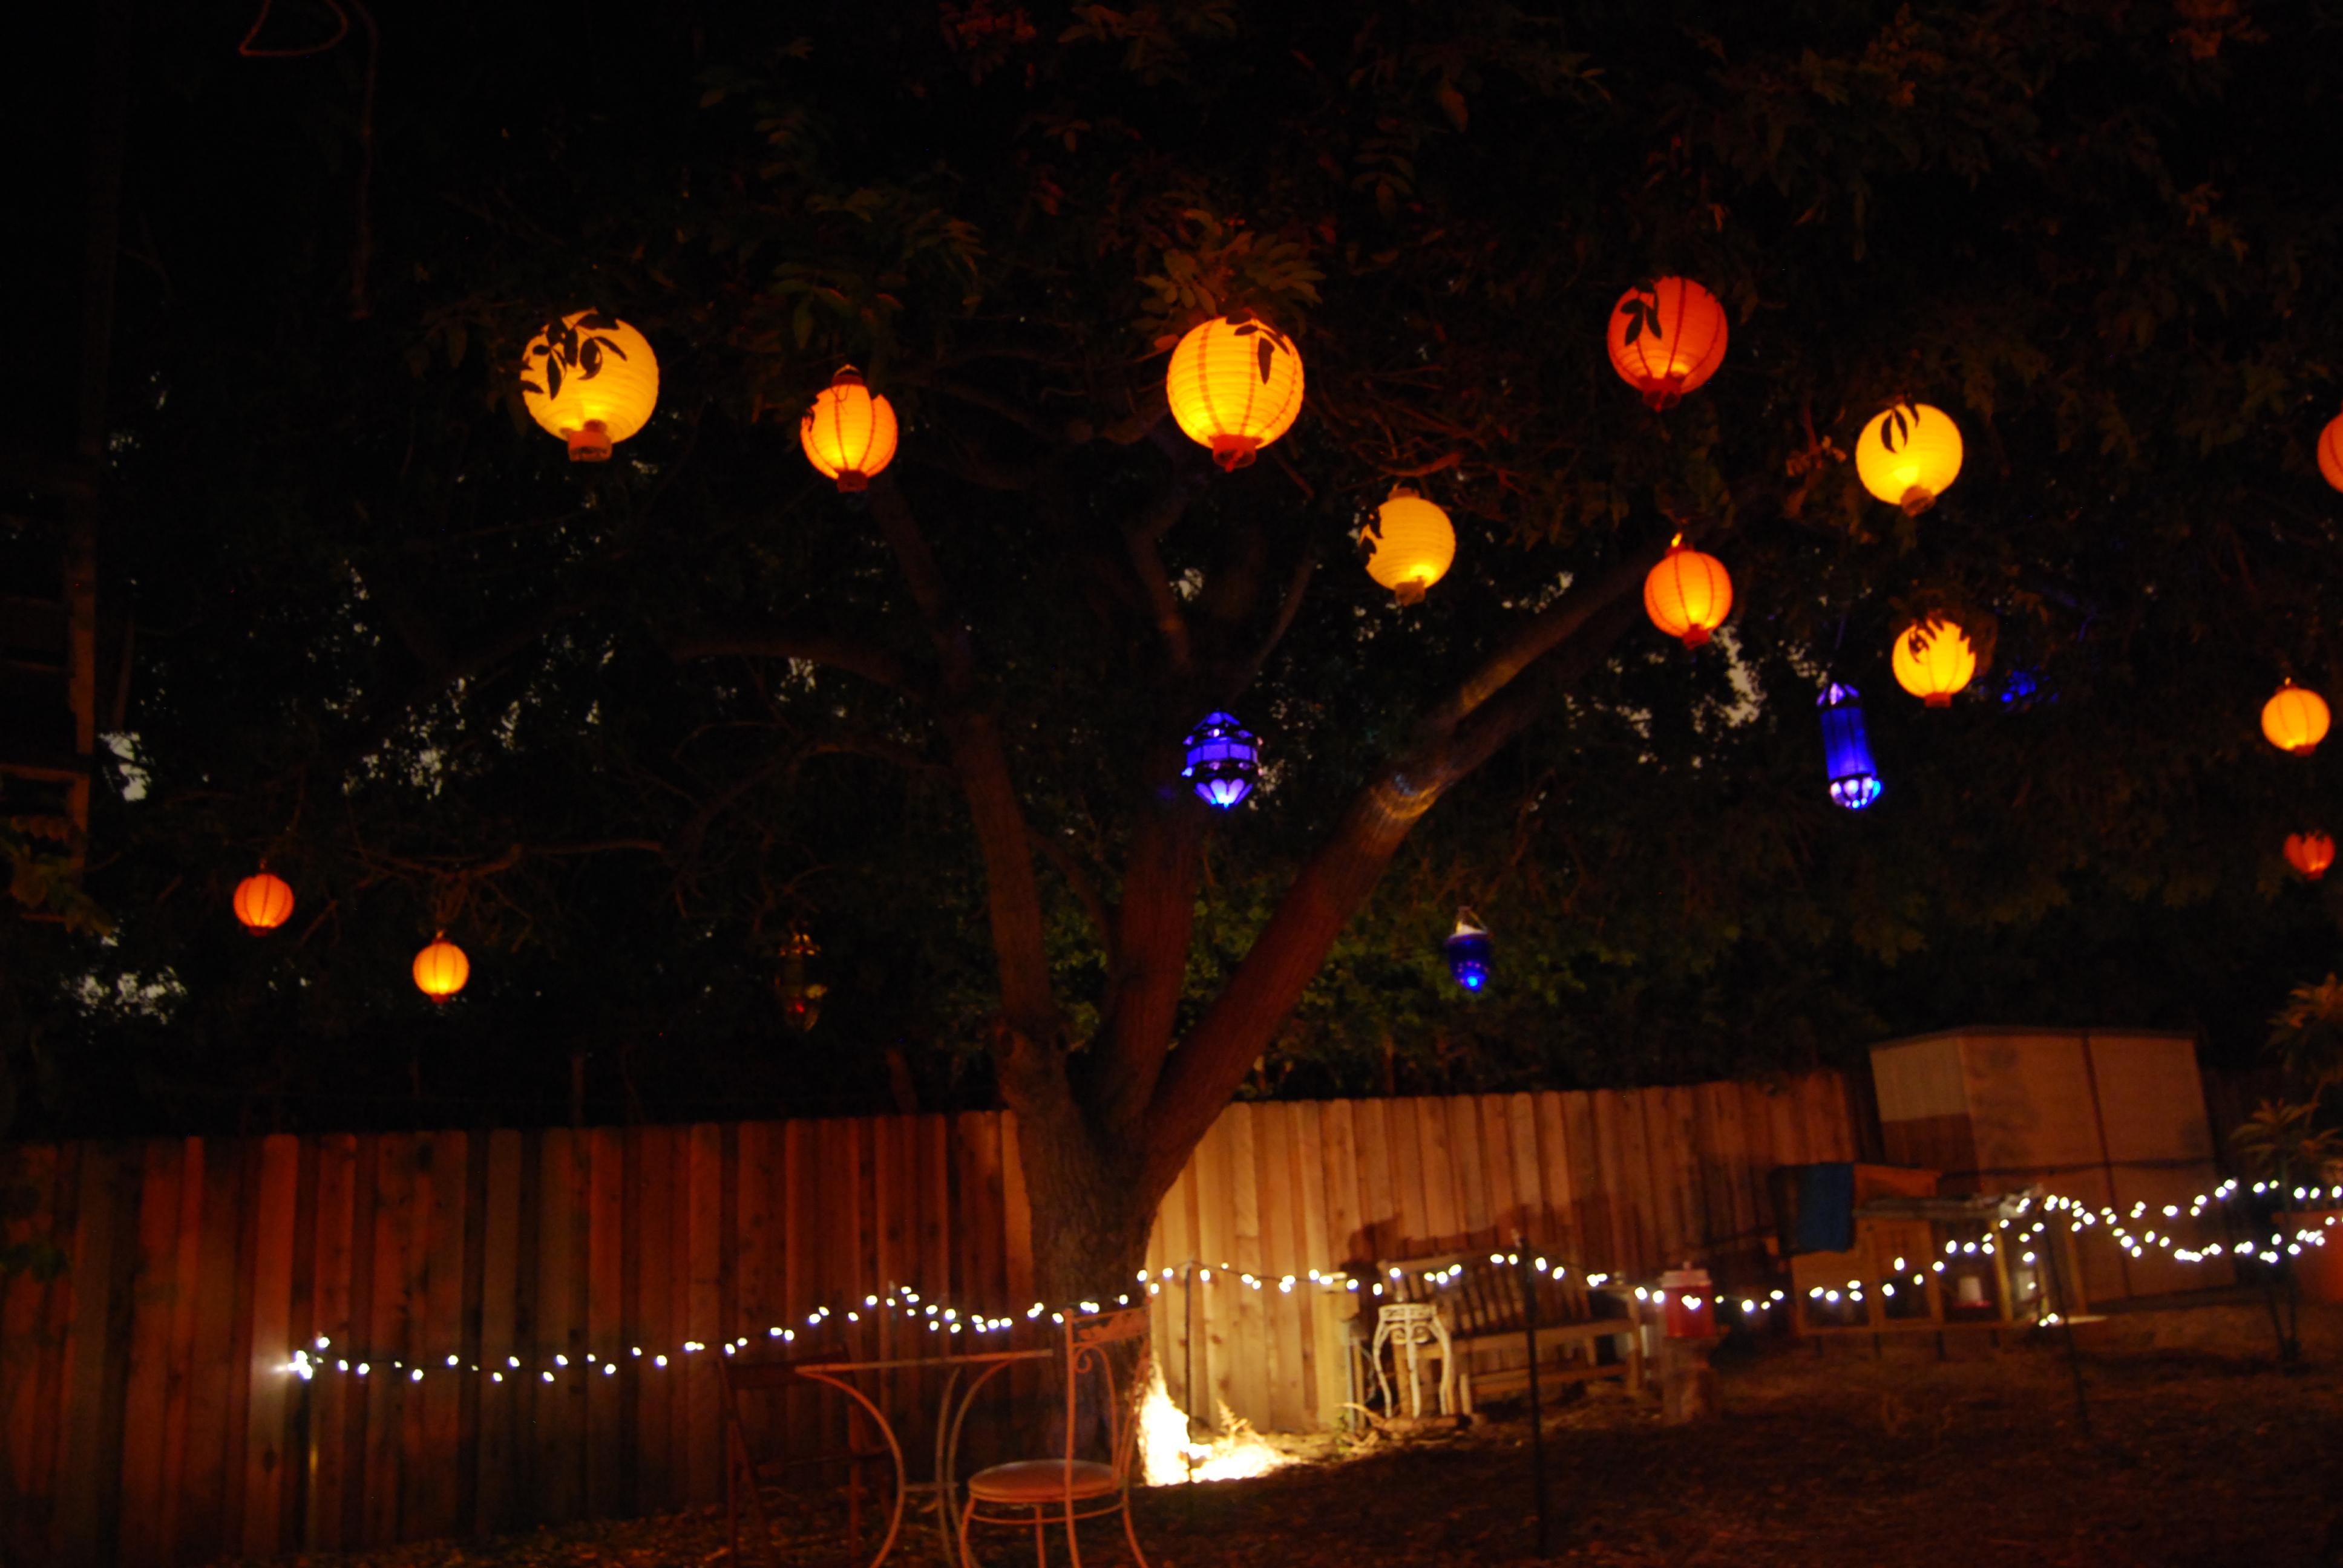 Outdoor Summer Party Lights Www Pixshark Com Images